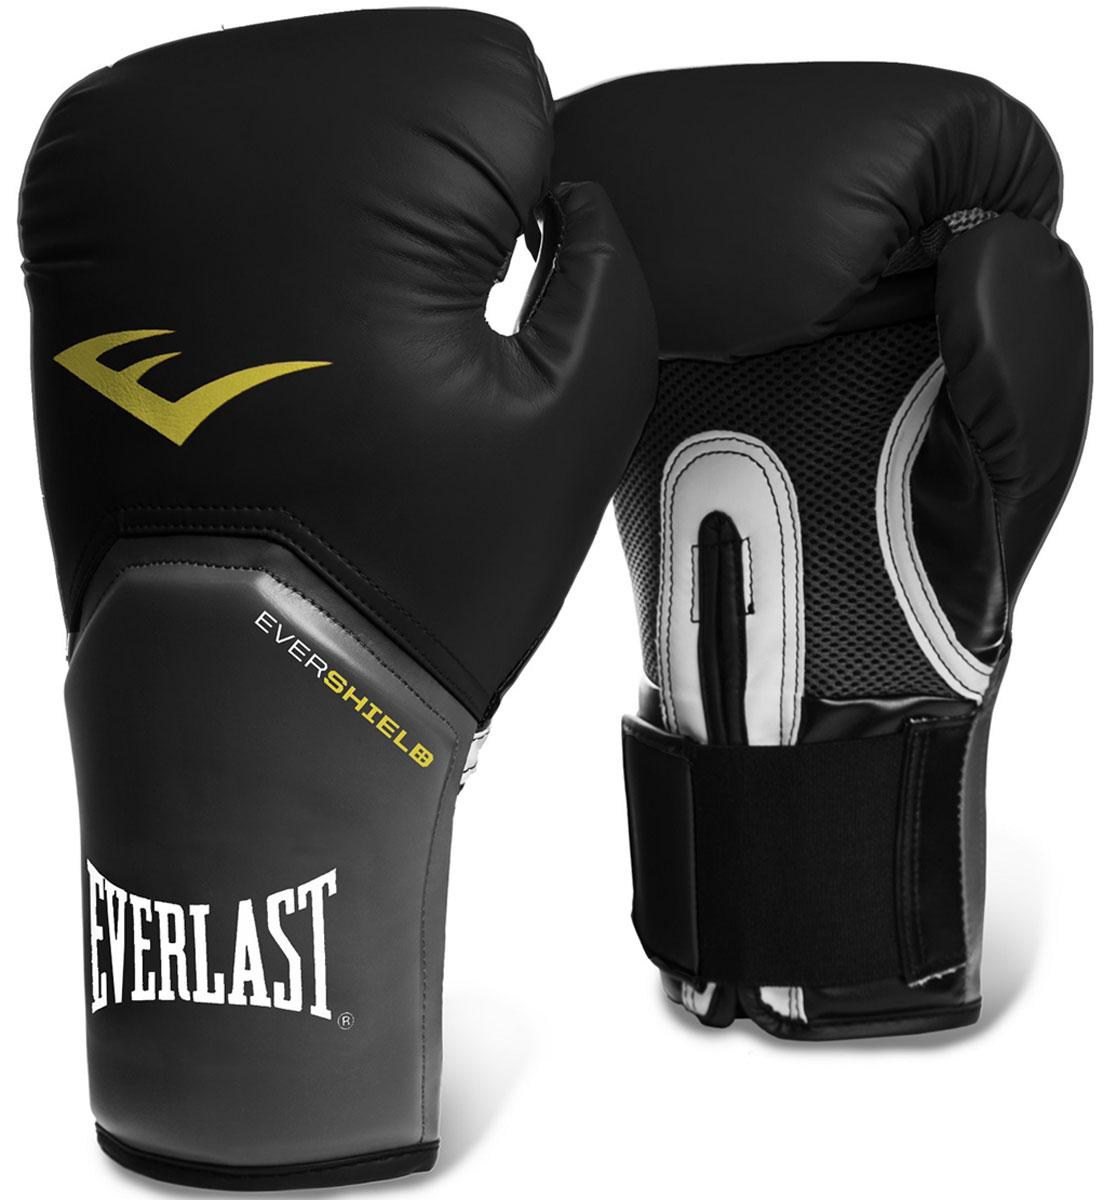 Перчатки тренировочные Everlast Pro Style Elite, цвет: черный, 14 унций661.22Everlast Pro Style Elite — тренировочные боксерские перчатки для спаррингов и работы на снарядах. Изготовлены из качественной искусственной кожи с применением технологий Everlast, использующихся в экипировке профессиональных спортсменов. Благодаря выверенной анатомической форме перчатки надежно фиксируют руку и гарантируют защиту от травм. Нижняя часть, полностью изготовленная из сетчатого материала, обеспечивает циркуляцию воздуха и препятствует образованию влаги, а также неприятного запаха за счет антибактериальной пропитки EVERFRESH. Комбинация легких дышащих материалов поддерживает оптимальную температуру тела. Модель подходит для начинающих боксеров, которые хотят тренироваться с экипировкой высокого класса.